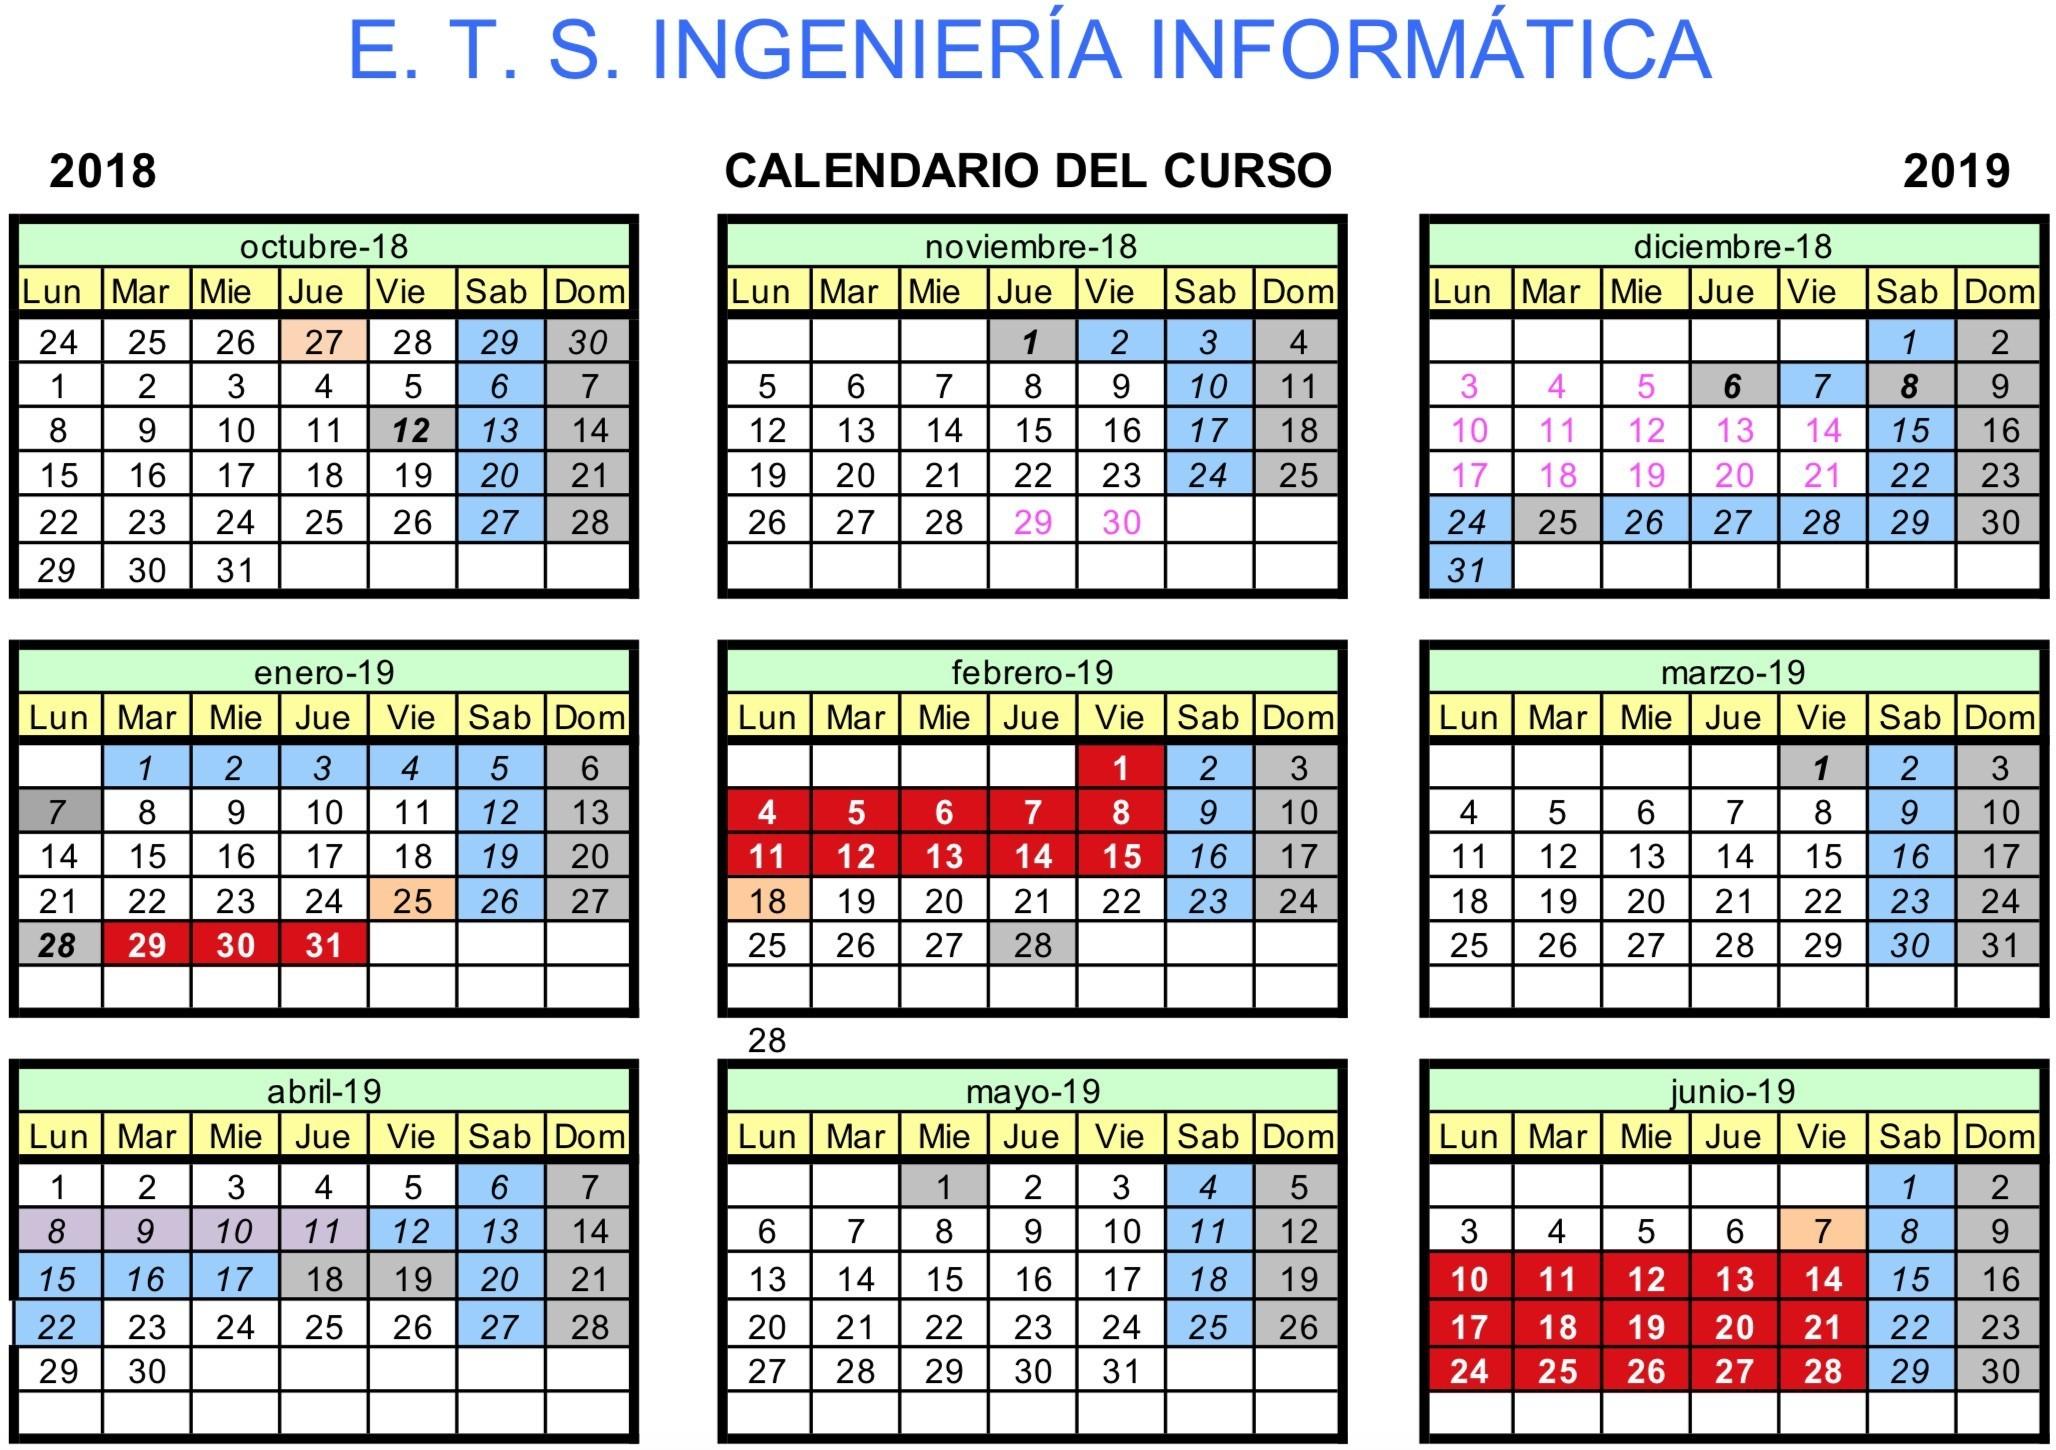 ETSI Informática calendario grados 2018 19 1